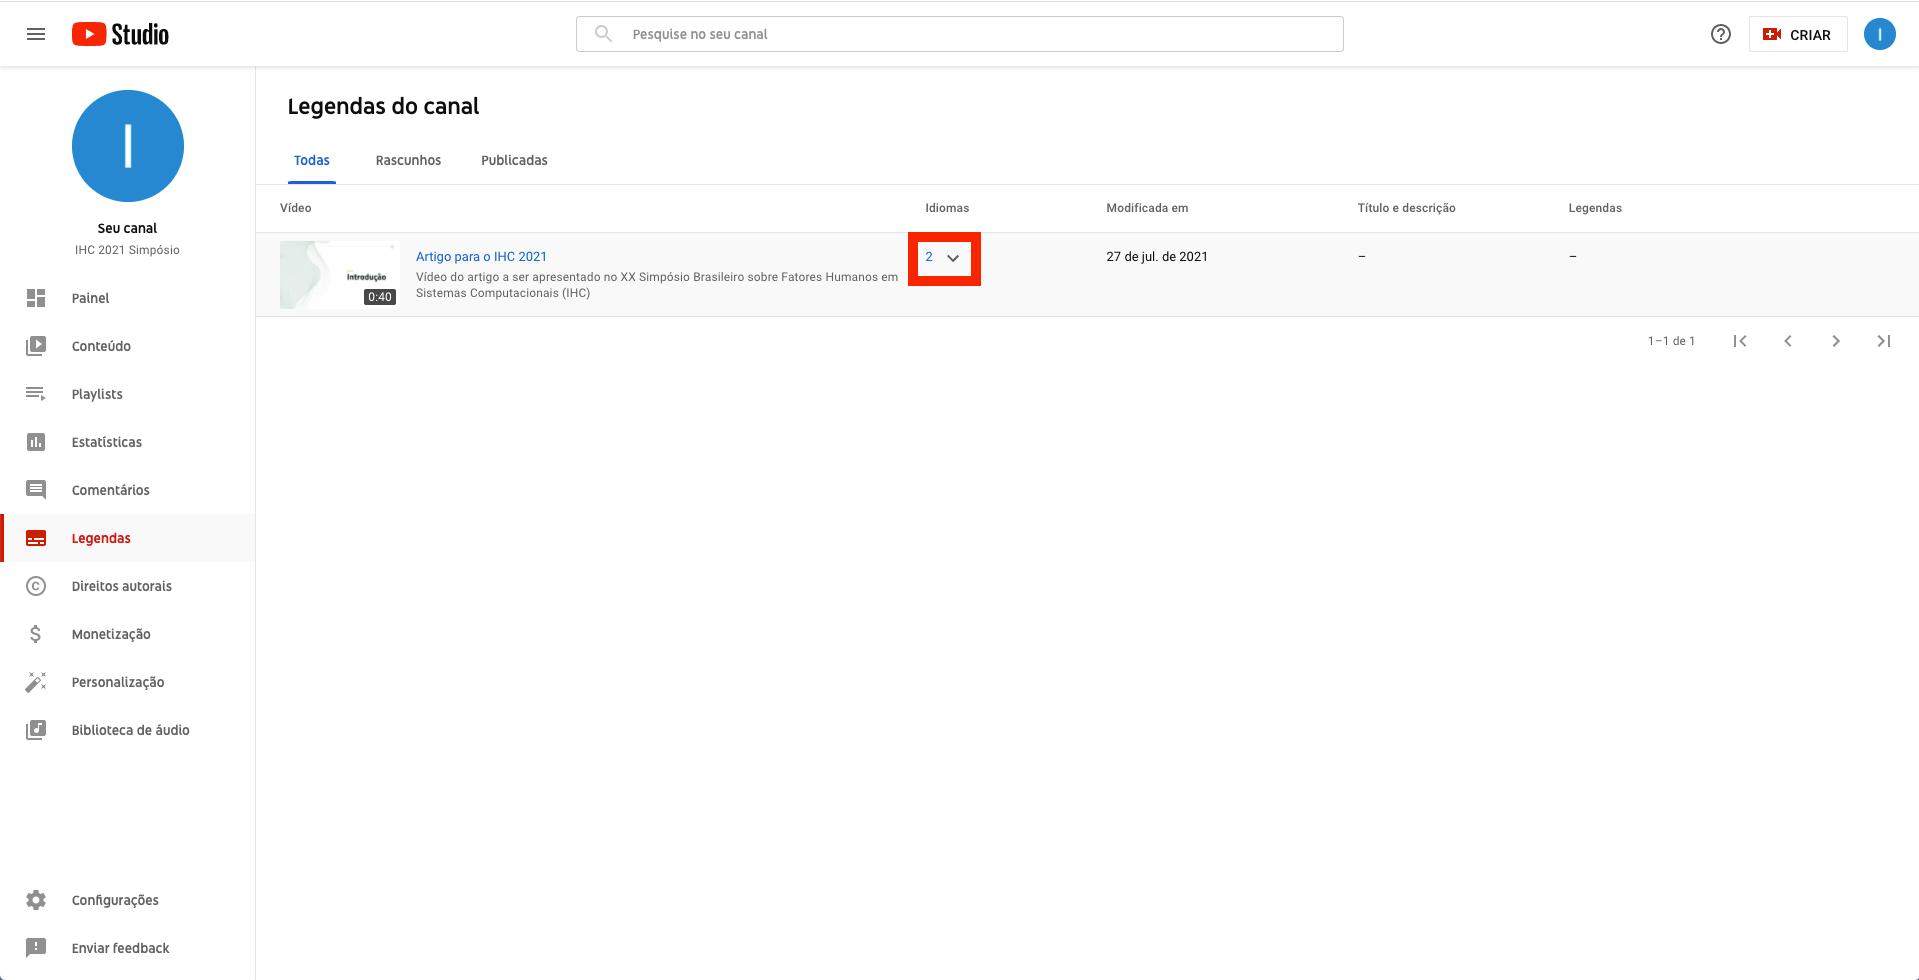 Captura de tela do YouTube Studio. Página de legendas do canal, com destaque para o ícone de seta que permite expandir as opções de idioma do vídeo listado